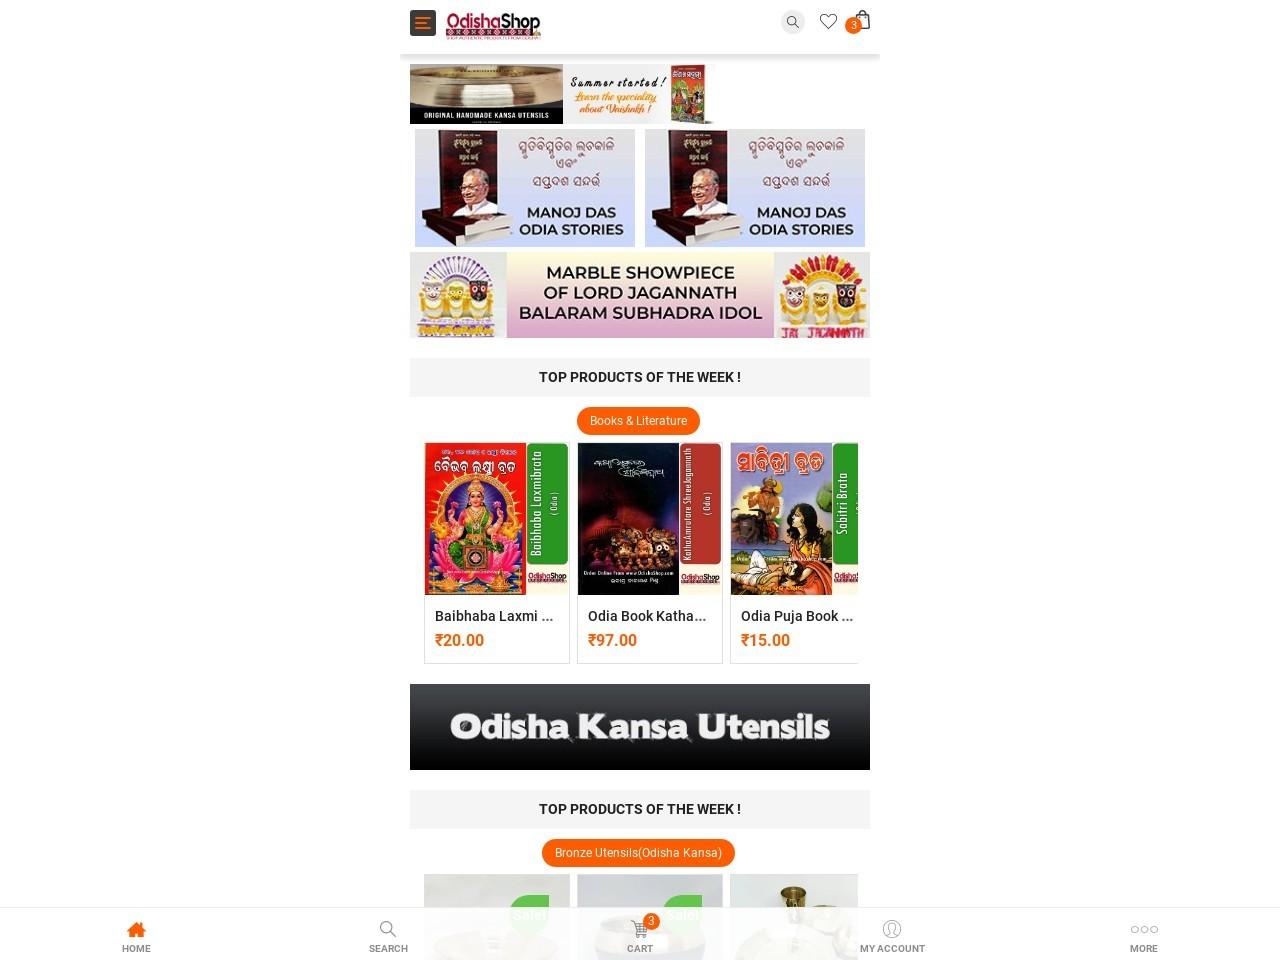 Buy Odia Novel Yajnaseni By Pratibha Ray From OdishaShop